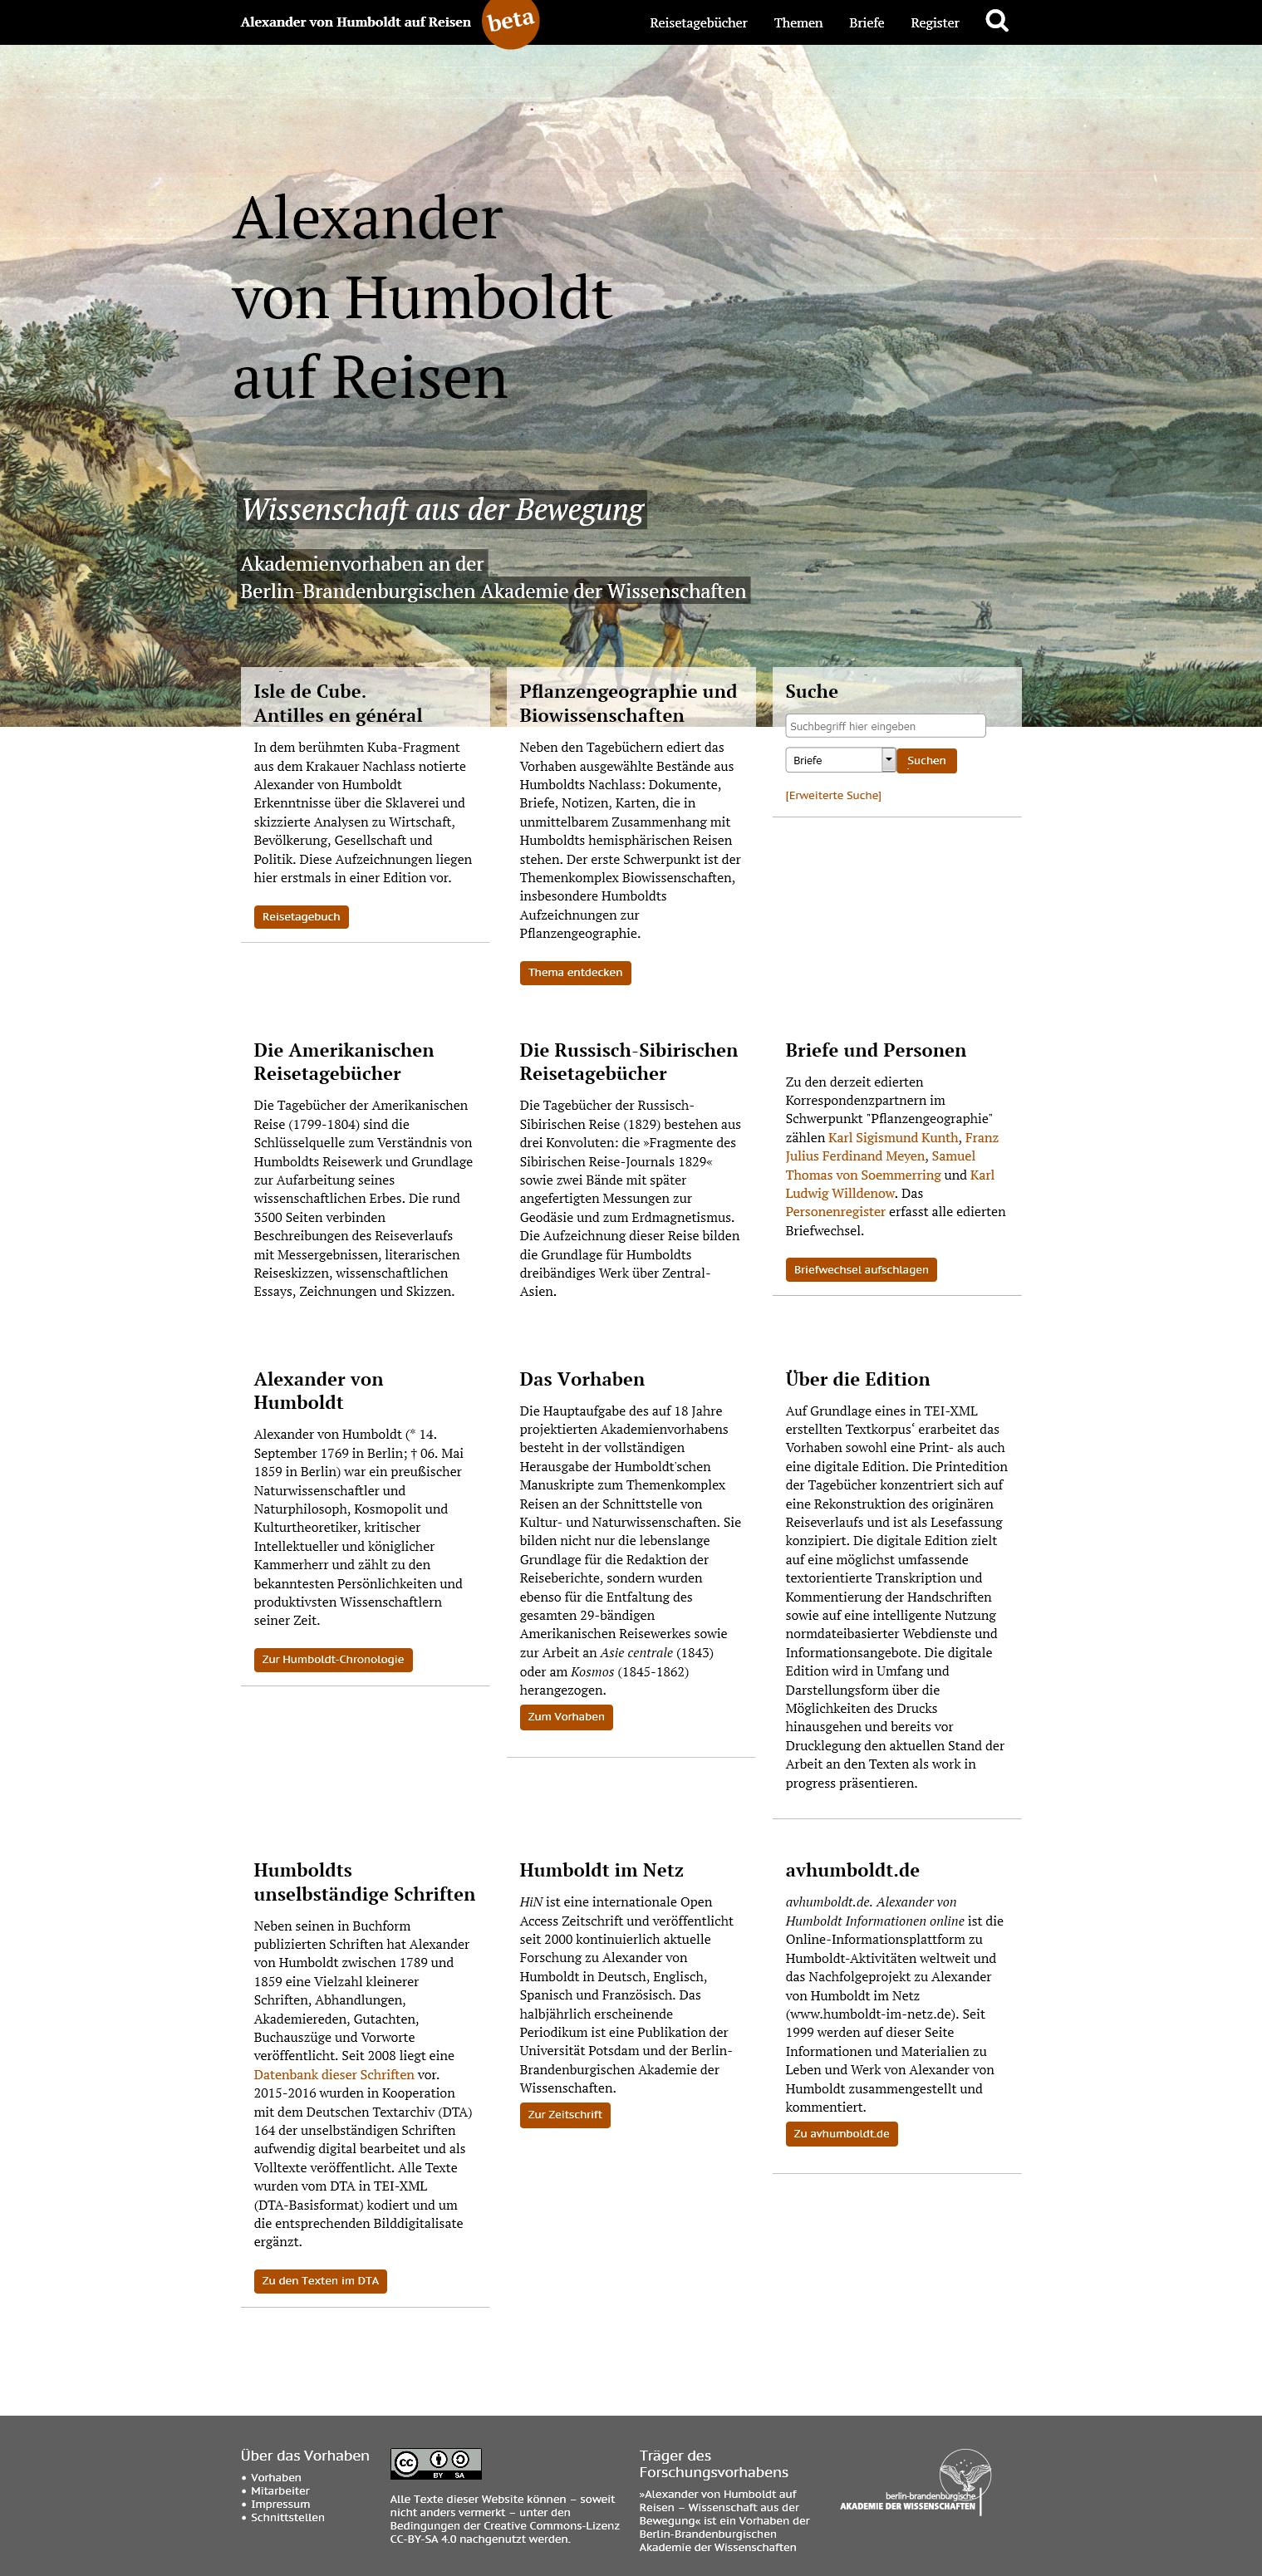 """Online-Edition (Beta) des Akademienvorhabens """"Alexander von Humboldt auf Reisen - Wissenschaft aus der Bewegung"""""""